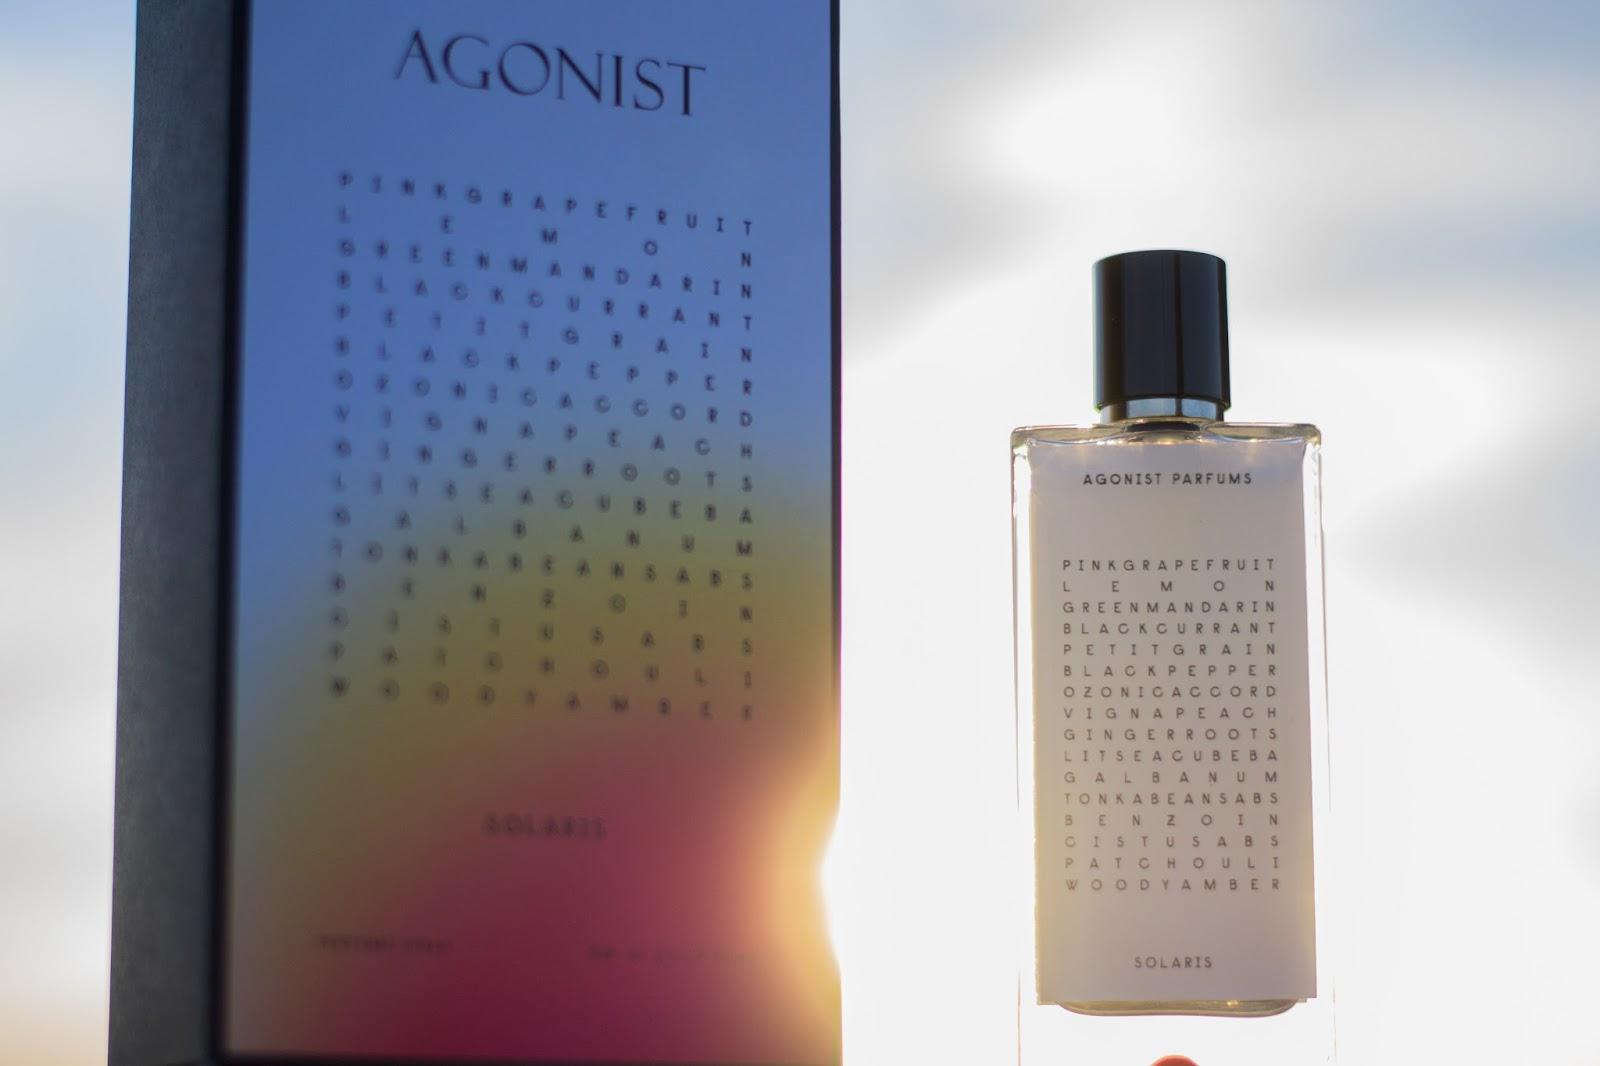 agonist perfume solaris